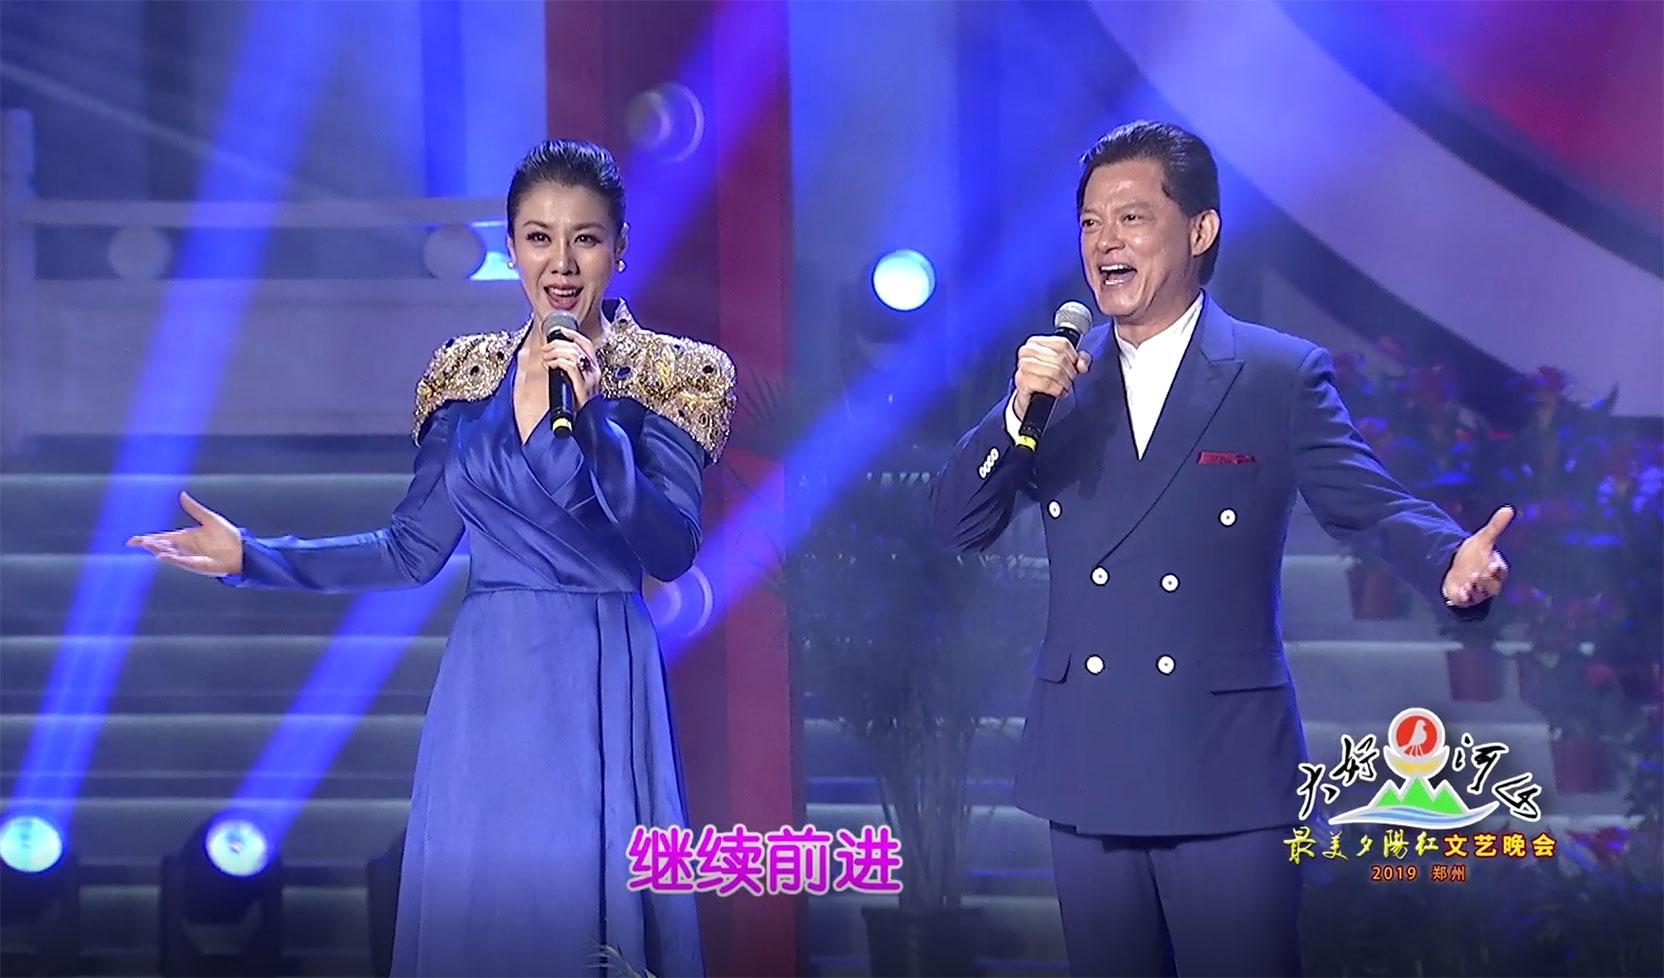 """大好河山2019河南""""最美夕阳红""""文艺晚会《不忘初心》王喆、莫华伦"""